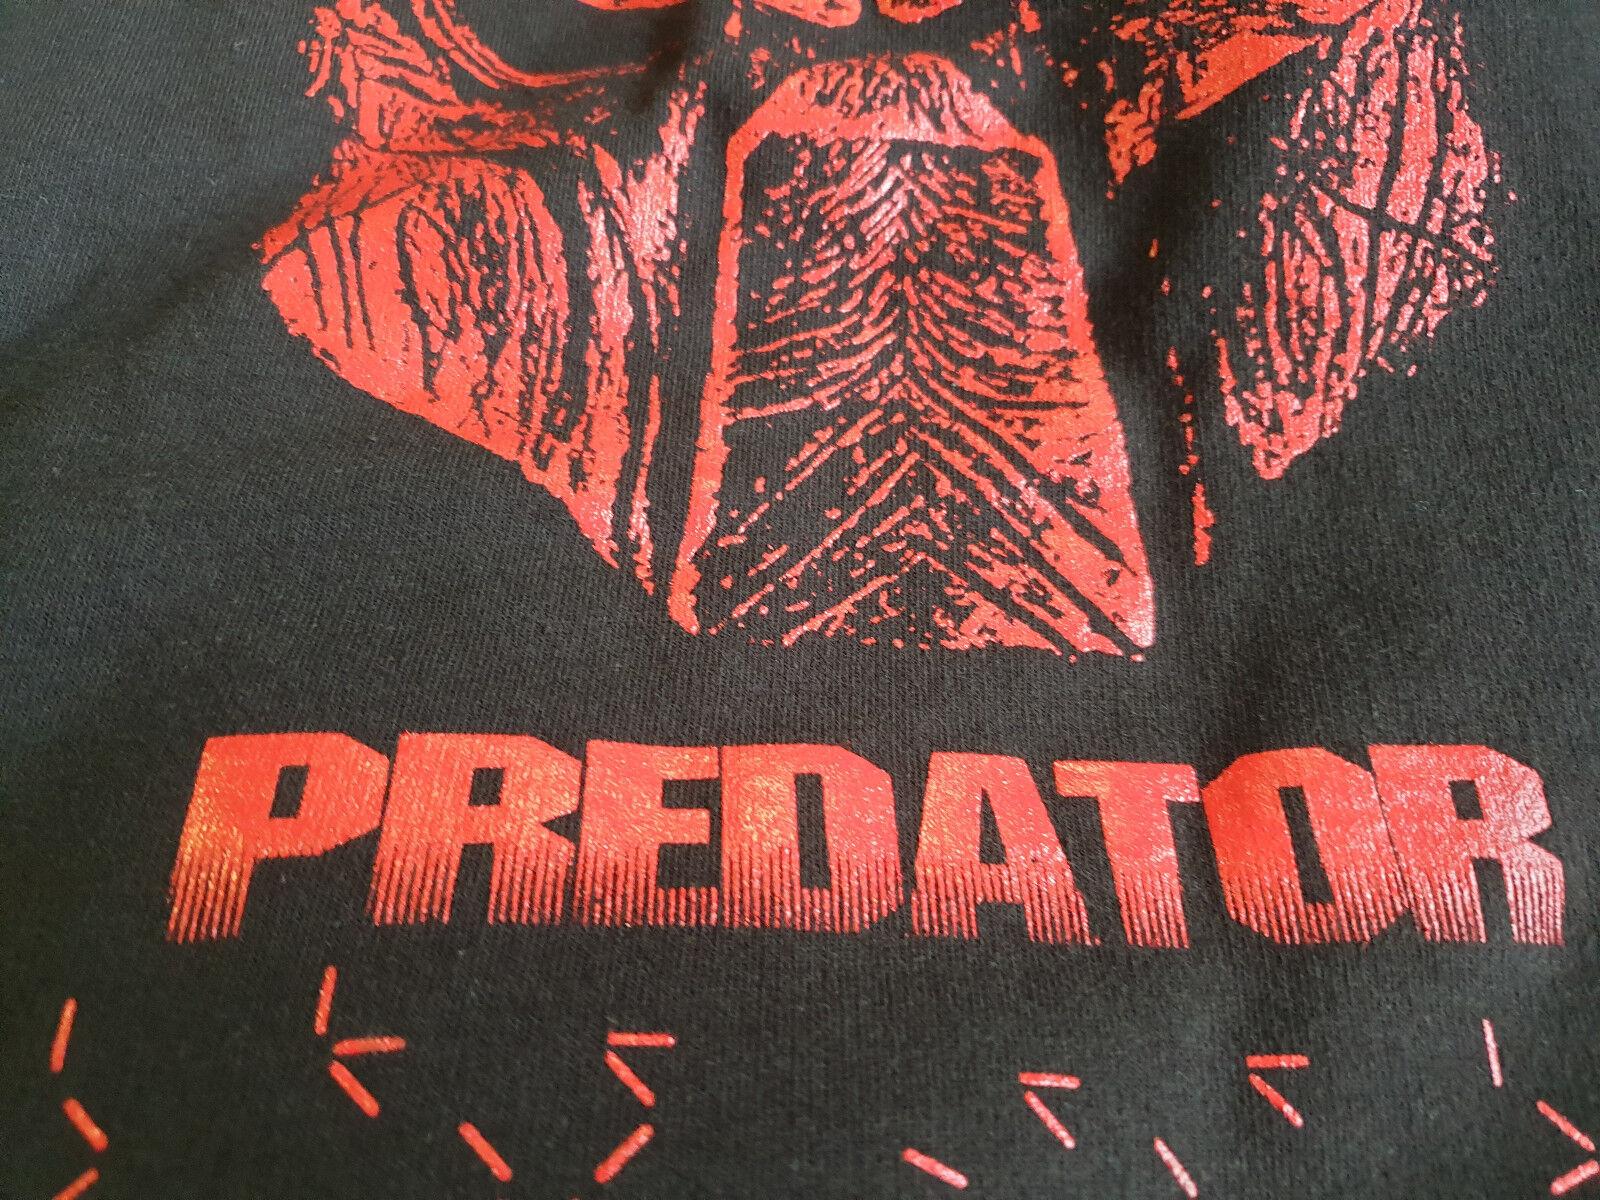 Prossoator Grigio, ready to Hunt COLLEGE Giacca Grigio, Prossoator alieno, cacciatore, Movie, culto, FANTASCIENZA a8eff8